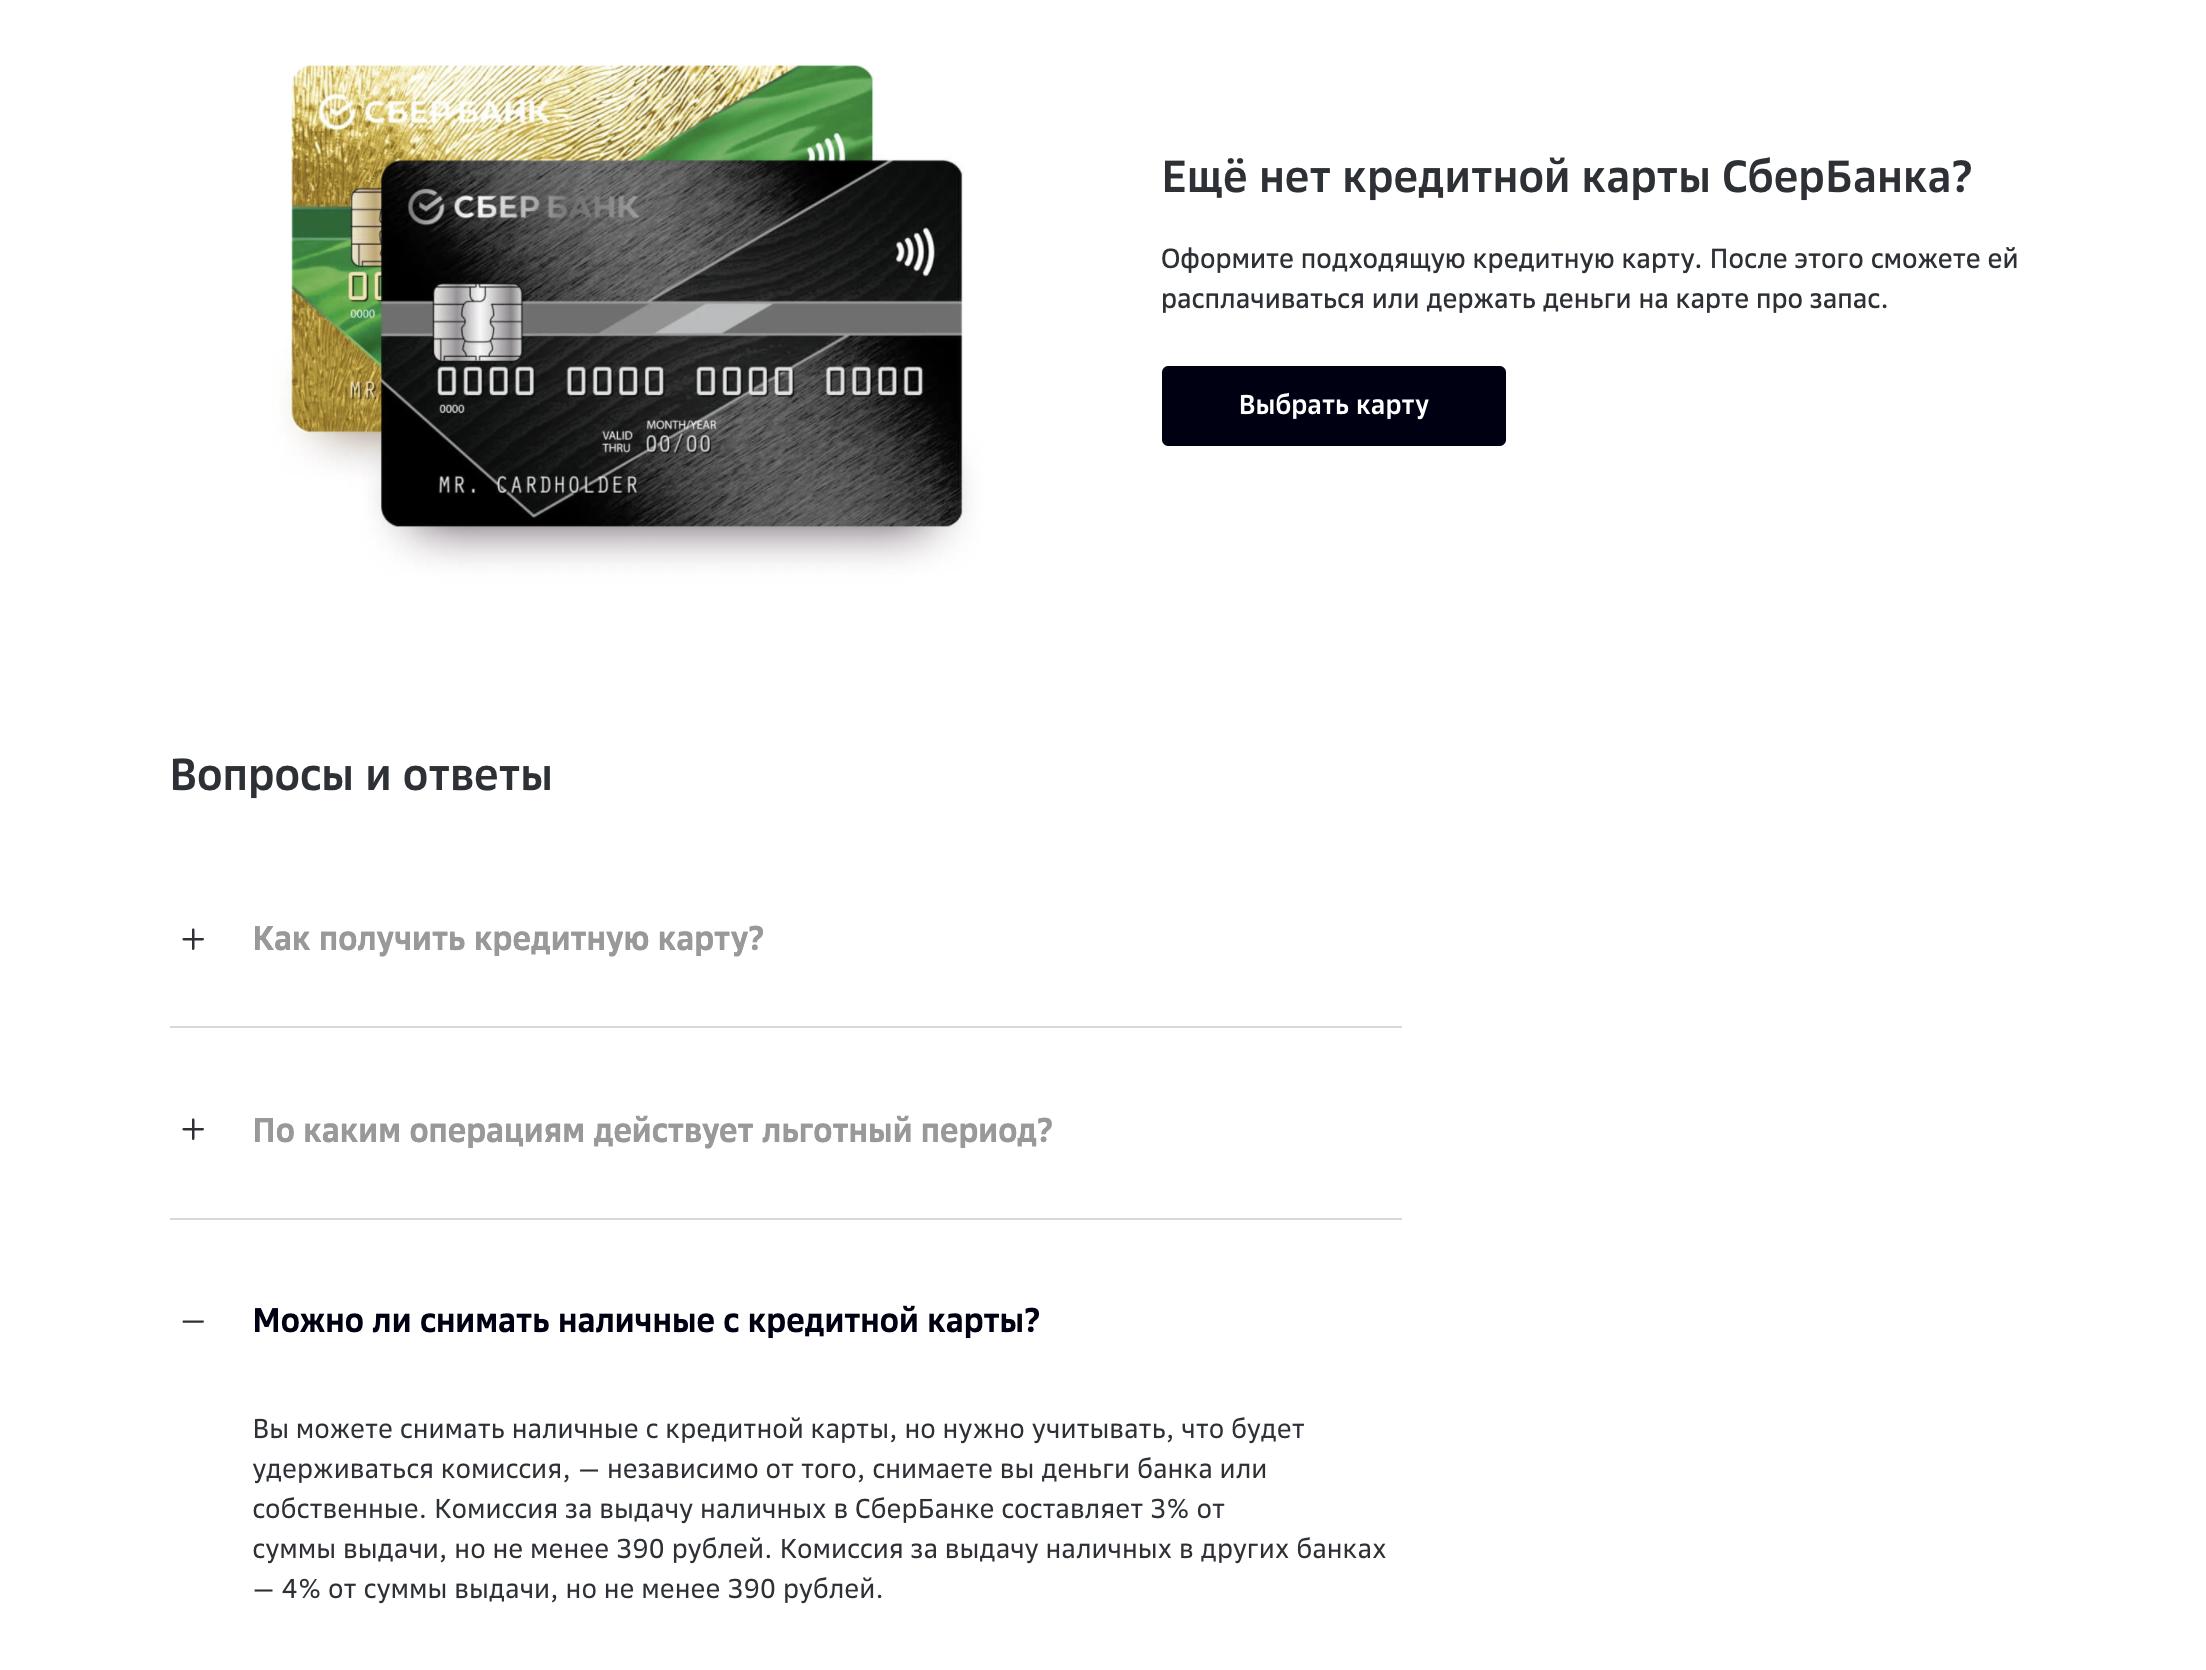 условия снятии наличных с кредитной карты сбербанка